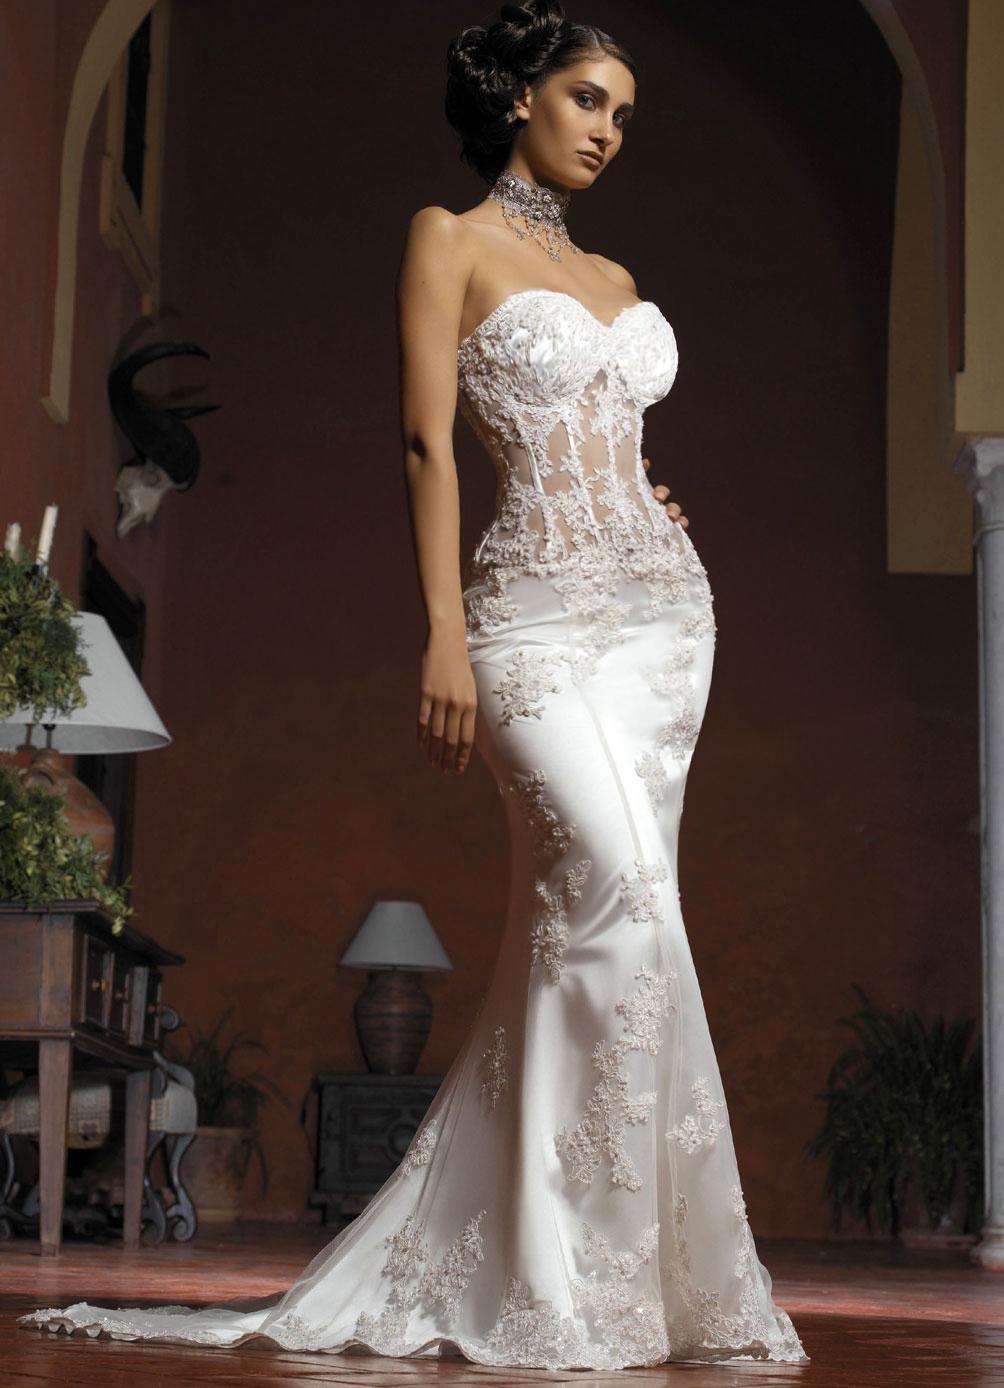 sexy+bride+(2).jpg